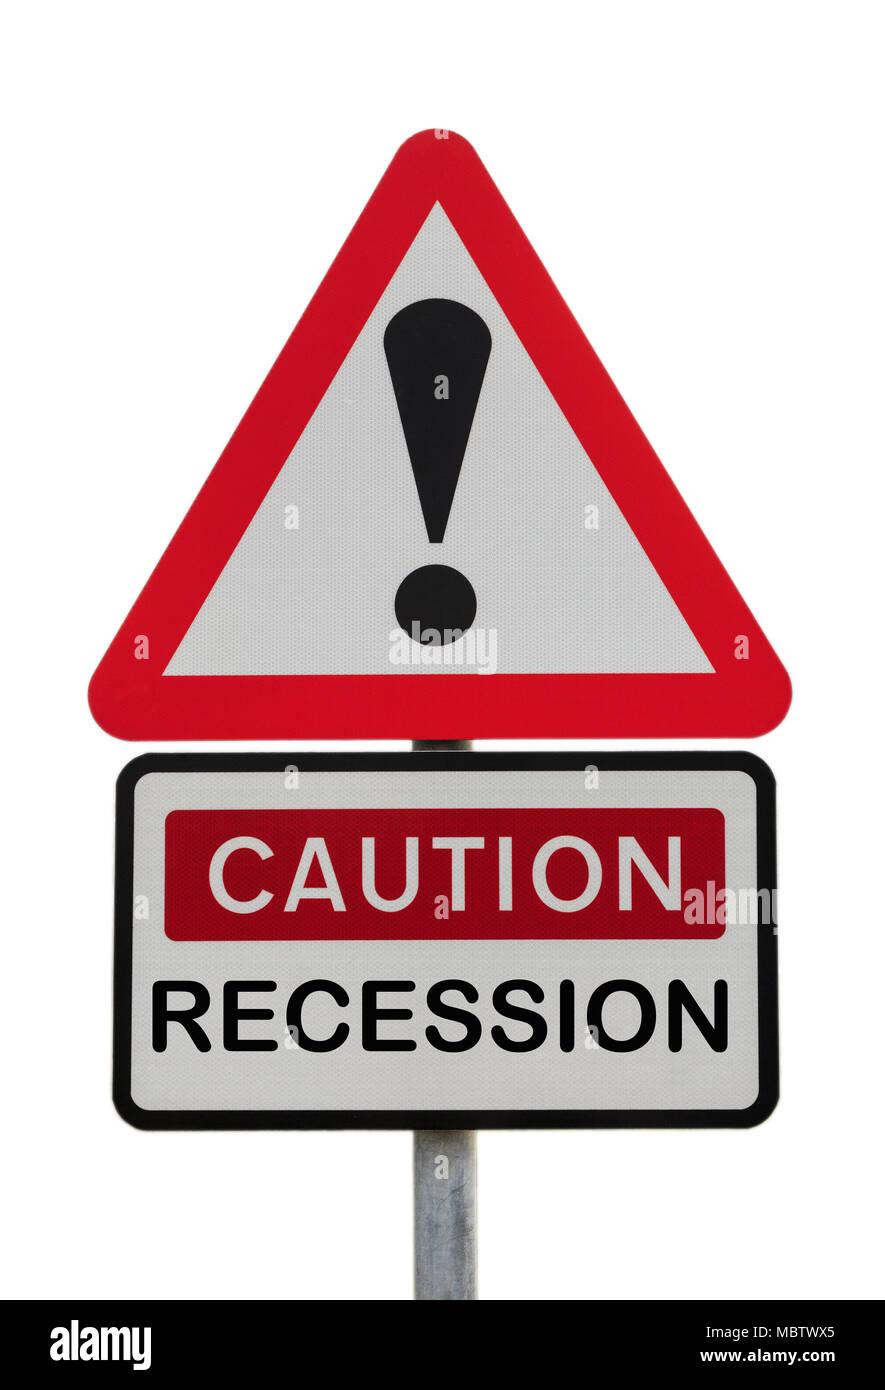 Dreieckige schild Warnung Vorsicht Rezession mit Ausrufezeichen finanzielle Zukunft Konzept zu veranschaulichen. Großbritannien, Großbritannien, Europa Stockbild